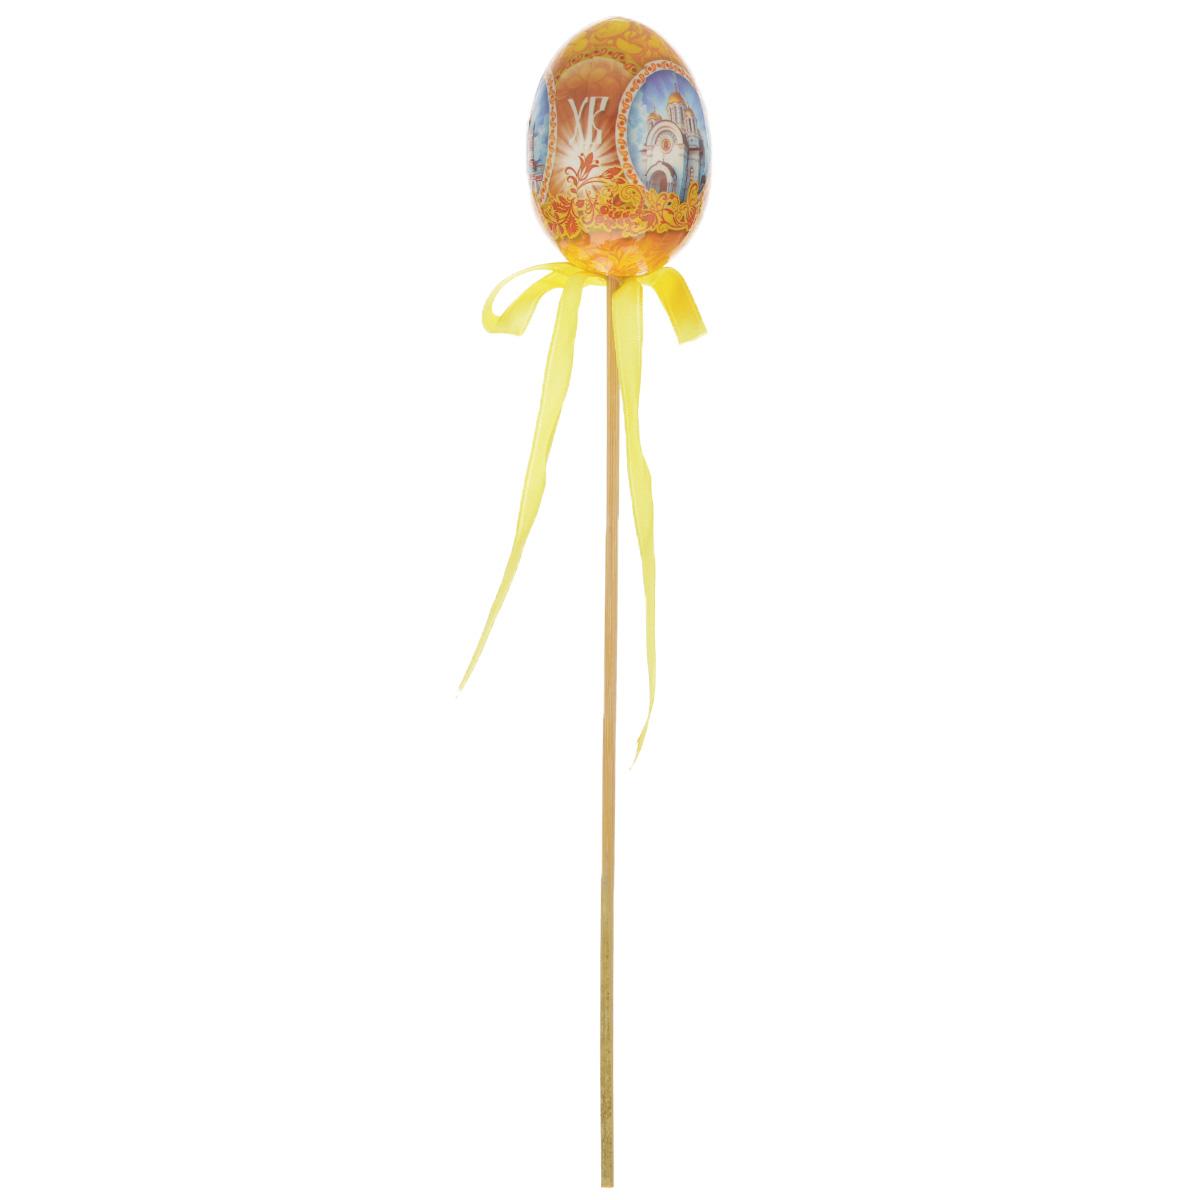 Декоративное украшение на ножке Home Queen Храмы, цвет: желтый, высота 26 см66756_1Декоративное украшение Home Queen Храмы выполнено из пластика в виде пасхального яйца на деревянной ножке, декорированного изображениями храмов. Изделие украшено текстильной лентой.Такое украшение прекрасно дополнит подарок для друзей или близких. Высота: 26 см. Размер яйца: 6,5 см х 4,5 см.